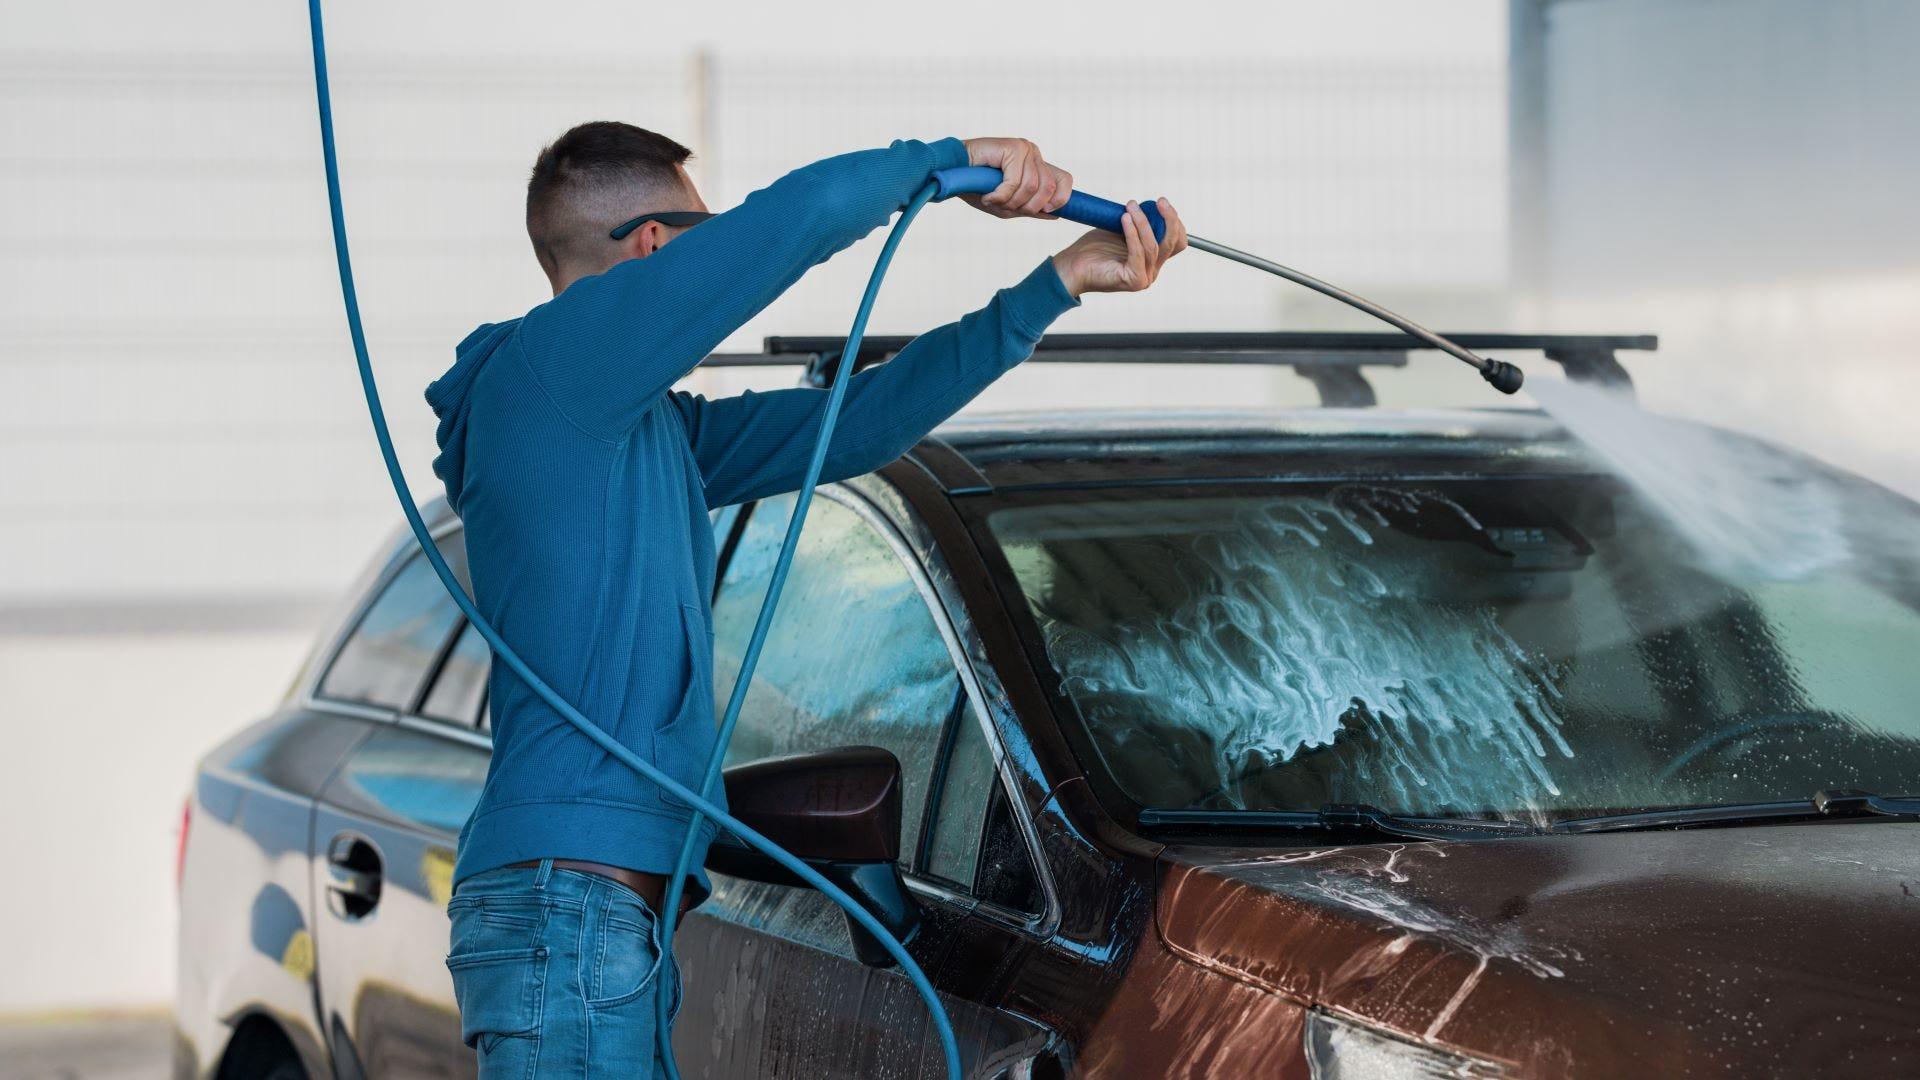 A man washing his car at a self-serve car wash.